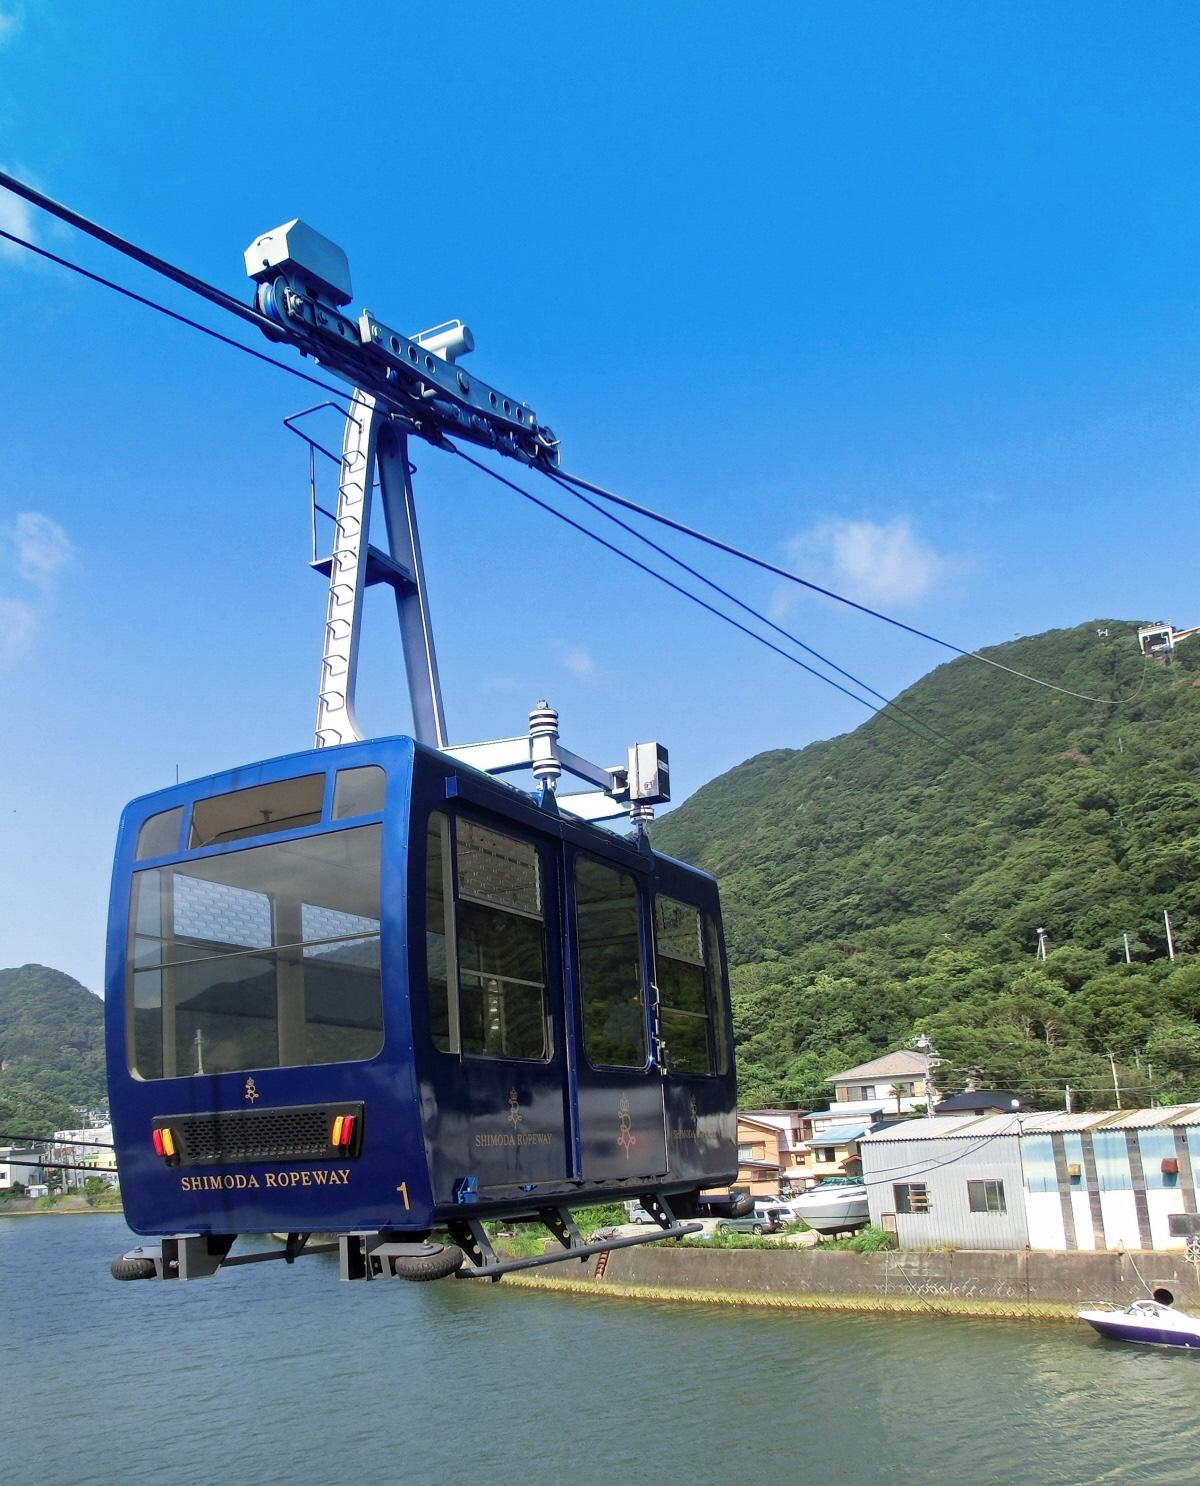 下田ロープウェイ 往復乗車券 (2枚セット)